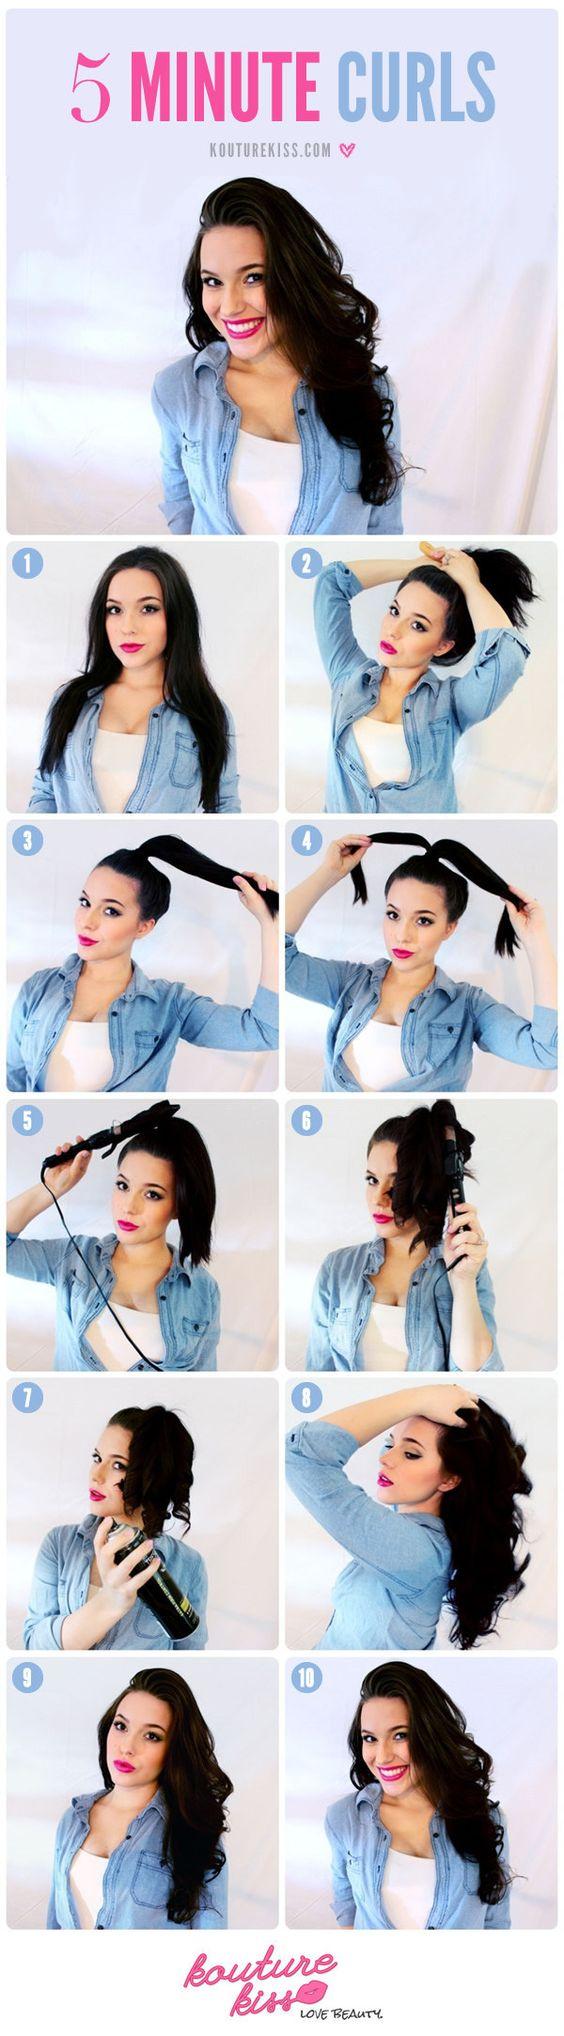 Spare Zeit beim Locken wickeln, indem Du Dein Haar zuerst zusammenbindest. | 41 super Schönheits-Tricks, die faule Frauen kennen sollten